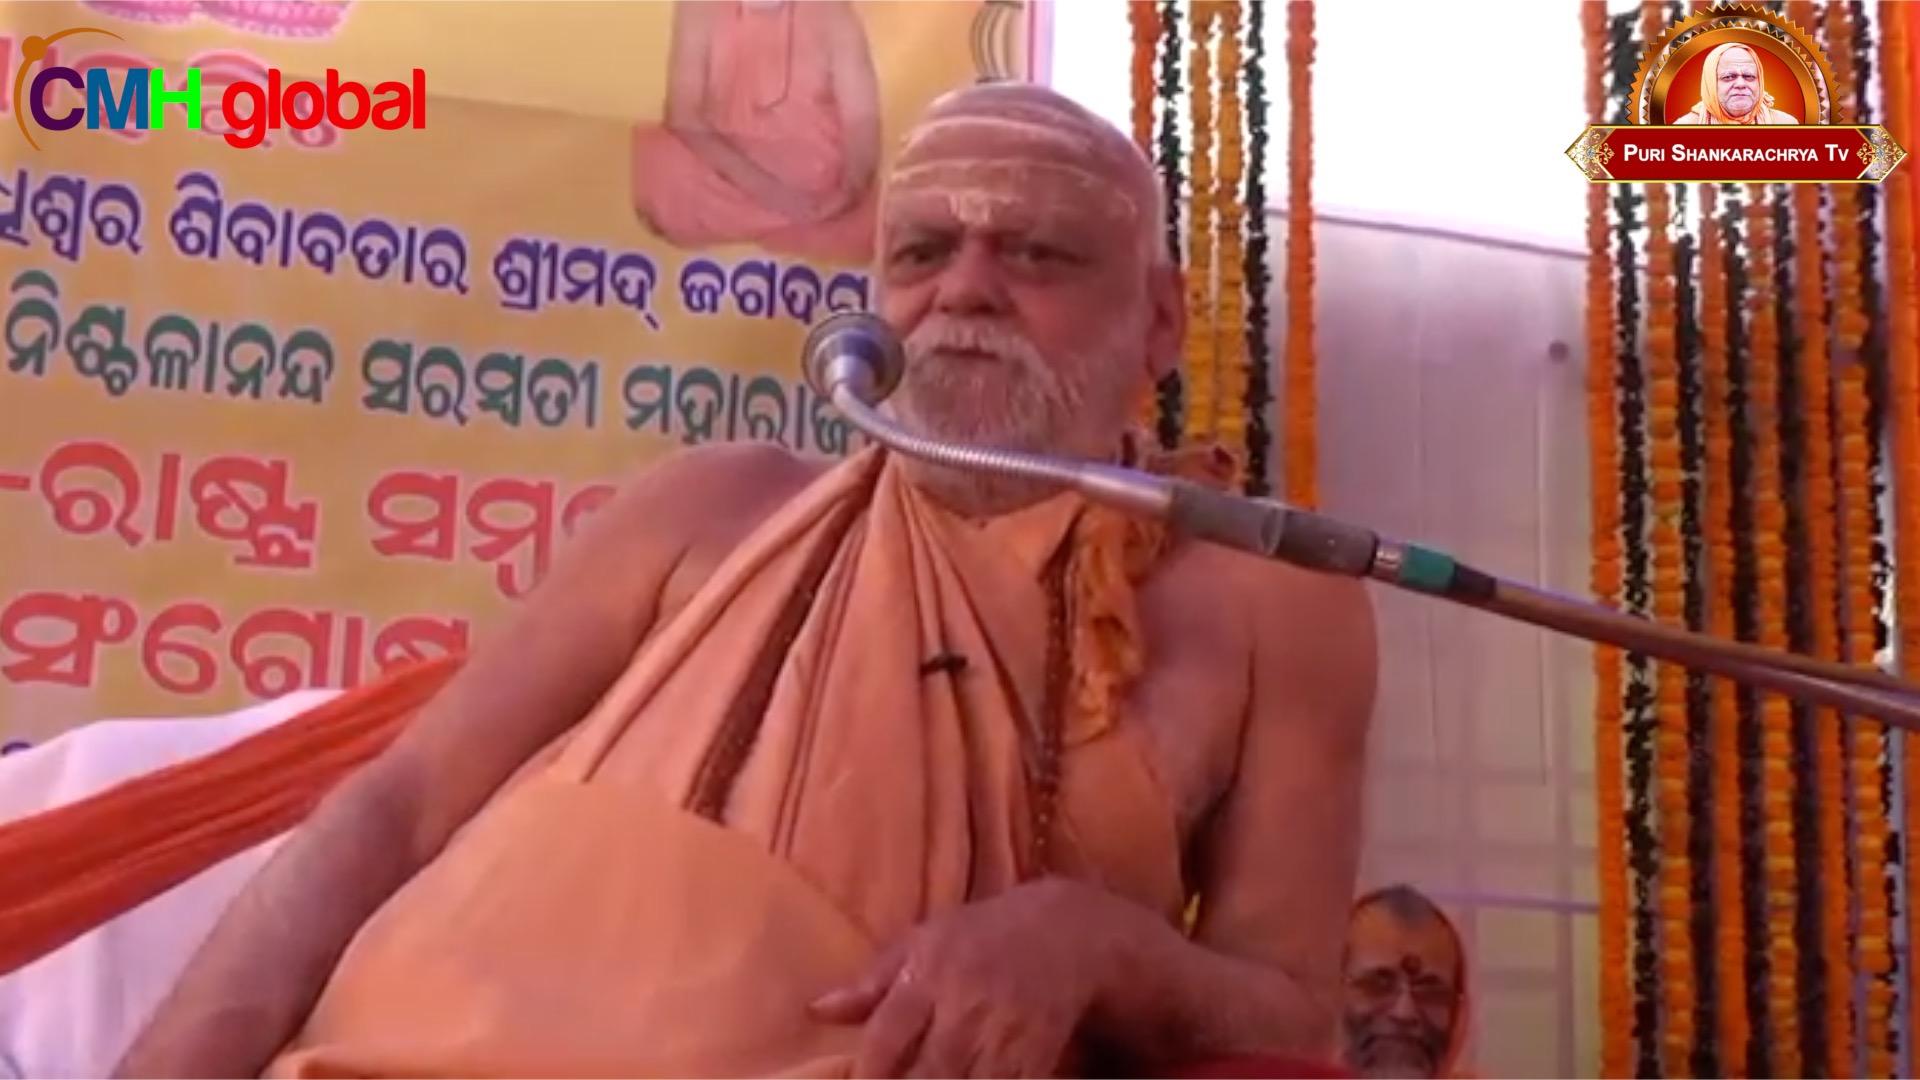 Gyan Dhara Ep -02 by Puri Shankaracharya Swami Nishchalananda Saraswati Ji